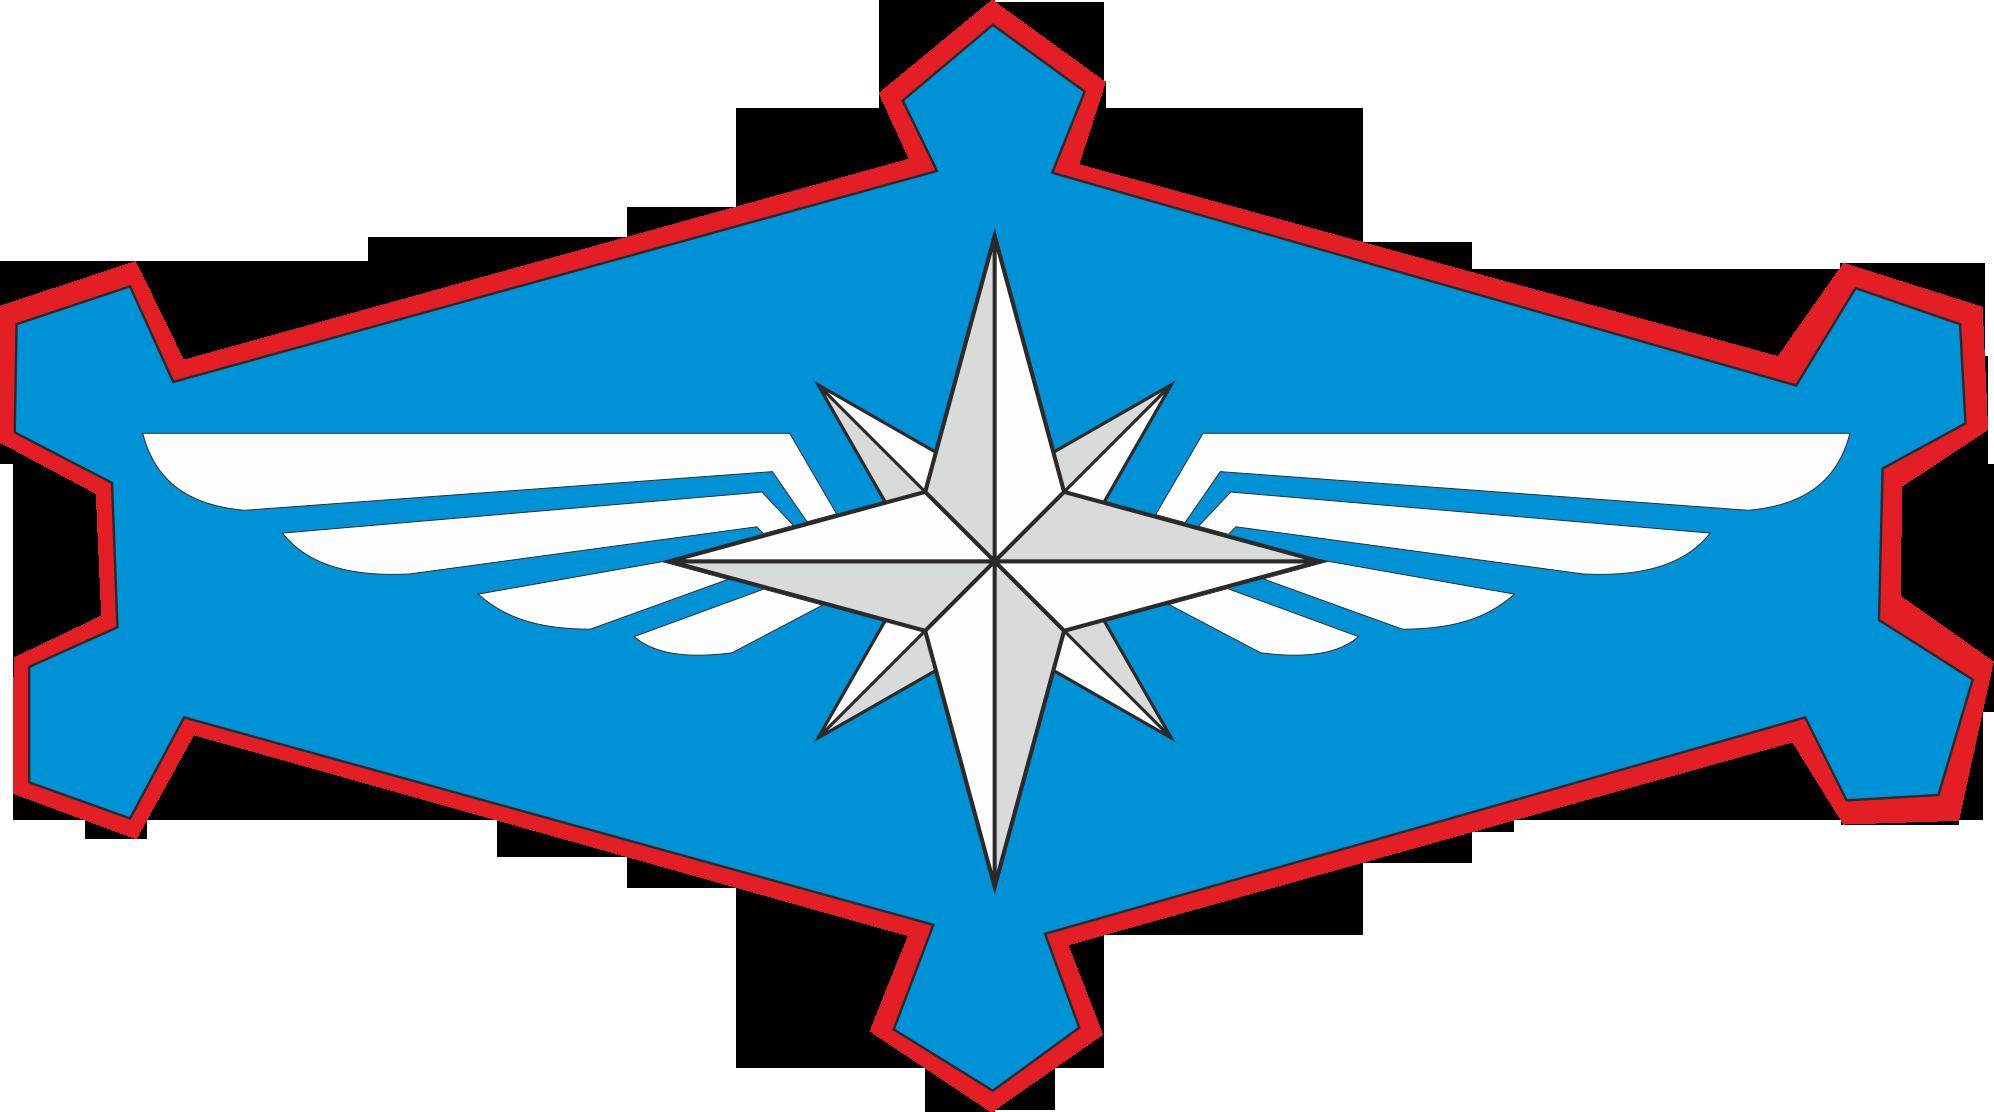 Logotip 1